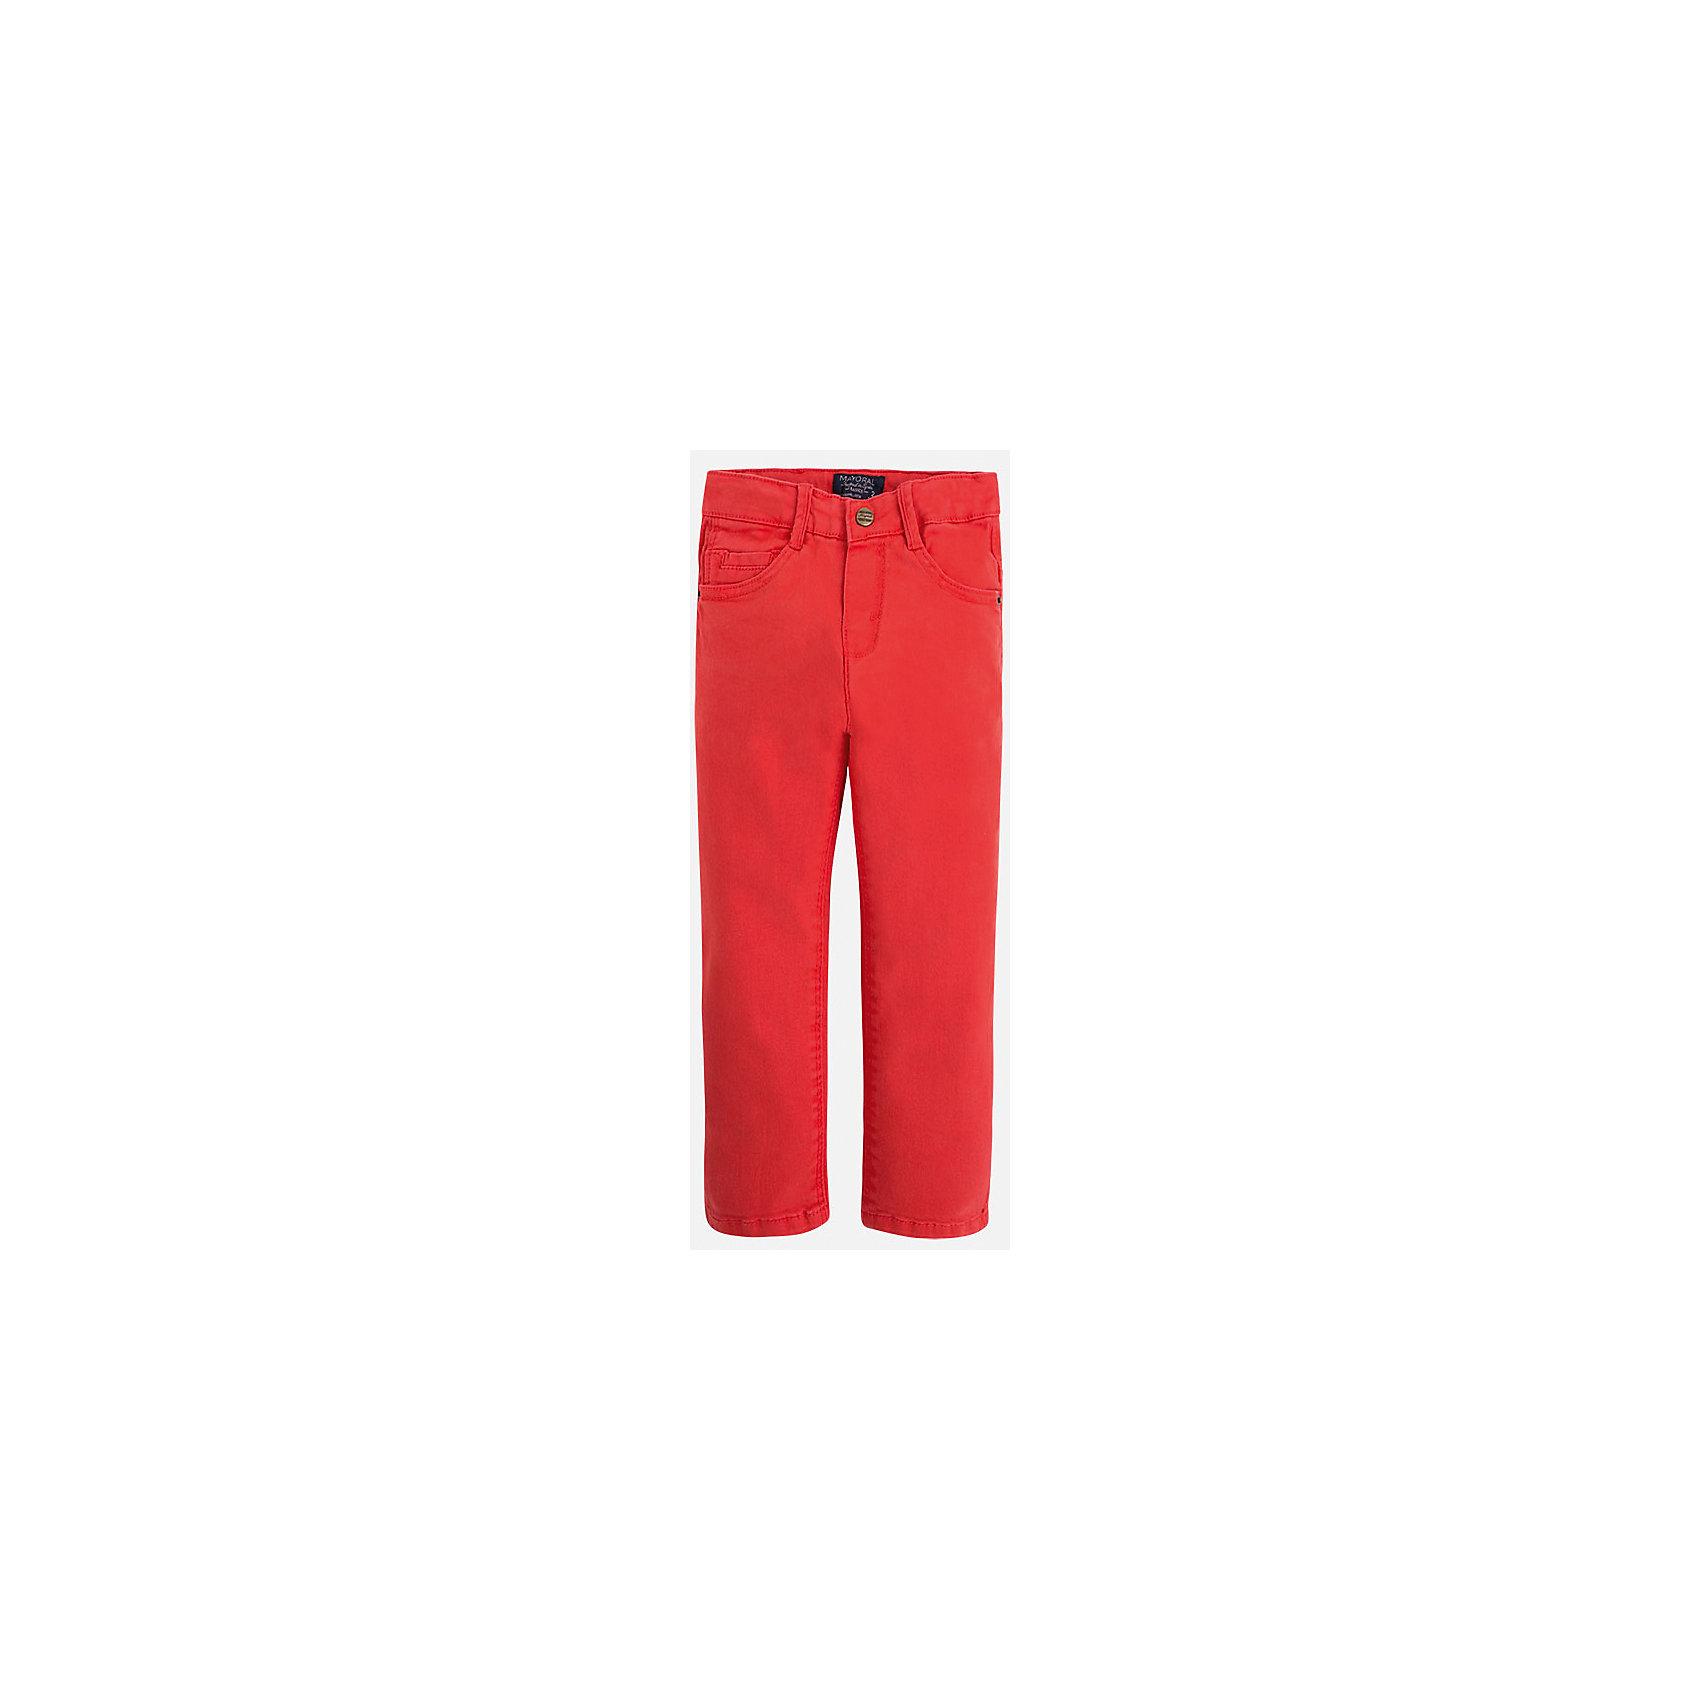 Брюки для мальчика MayoralБрюки<br>Брюки для мальчика Mayoral (Майорал)<br>Ультрамодные брюки от известной испанской марки Mayoral (Майорал), выполненные из хлопковой ткани с небольшим содержанием эластана, станут прекрасным дополнением гардероба вашего мальчика. Брюки на поясе застегиваются на пуговицу, а также имеют ширинку на застежке-молнии и шлевки для ремня, объем талии регулируется. Модель имеет два кармана и кармашек для ключей спереди и два накладных кармана сзади.<br><br>Дополнительная информация:<br><br>- Цвет: красно-оранжевый<br>- Состав: 98% хлопок, 2% эластан<br>- Уход: бережная стирка при 30 градусах<br><br>Брюки для мальчика Mayoral (Майорал) можно купить в нашем интернет-магазине.<br><br>Ширина мм: 215<br>Глубина мм: 88<br>Высота мм: 191<br>Вес г: 336<br>Цвет: коричневый<br>Возраст от месяцев: 18<br>Возраст до месяцев: 24<br>Пол: Мужской<br>Возраст: Детский<br>Размер: 92,134,128,122,116,110,104,98<br>SKU: 4820896